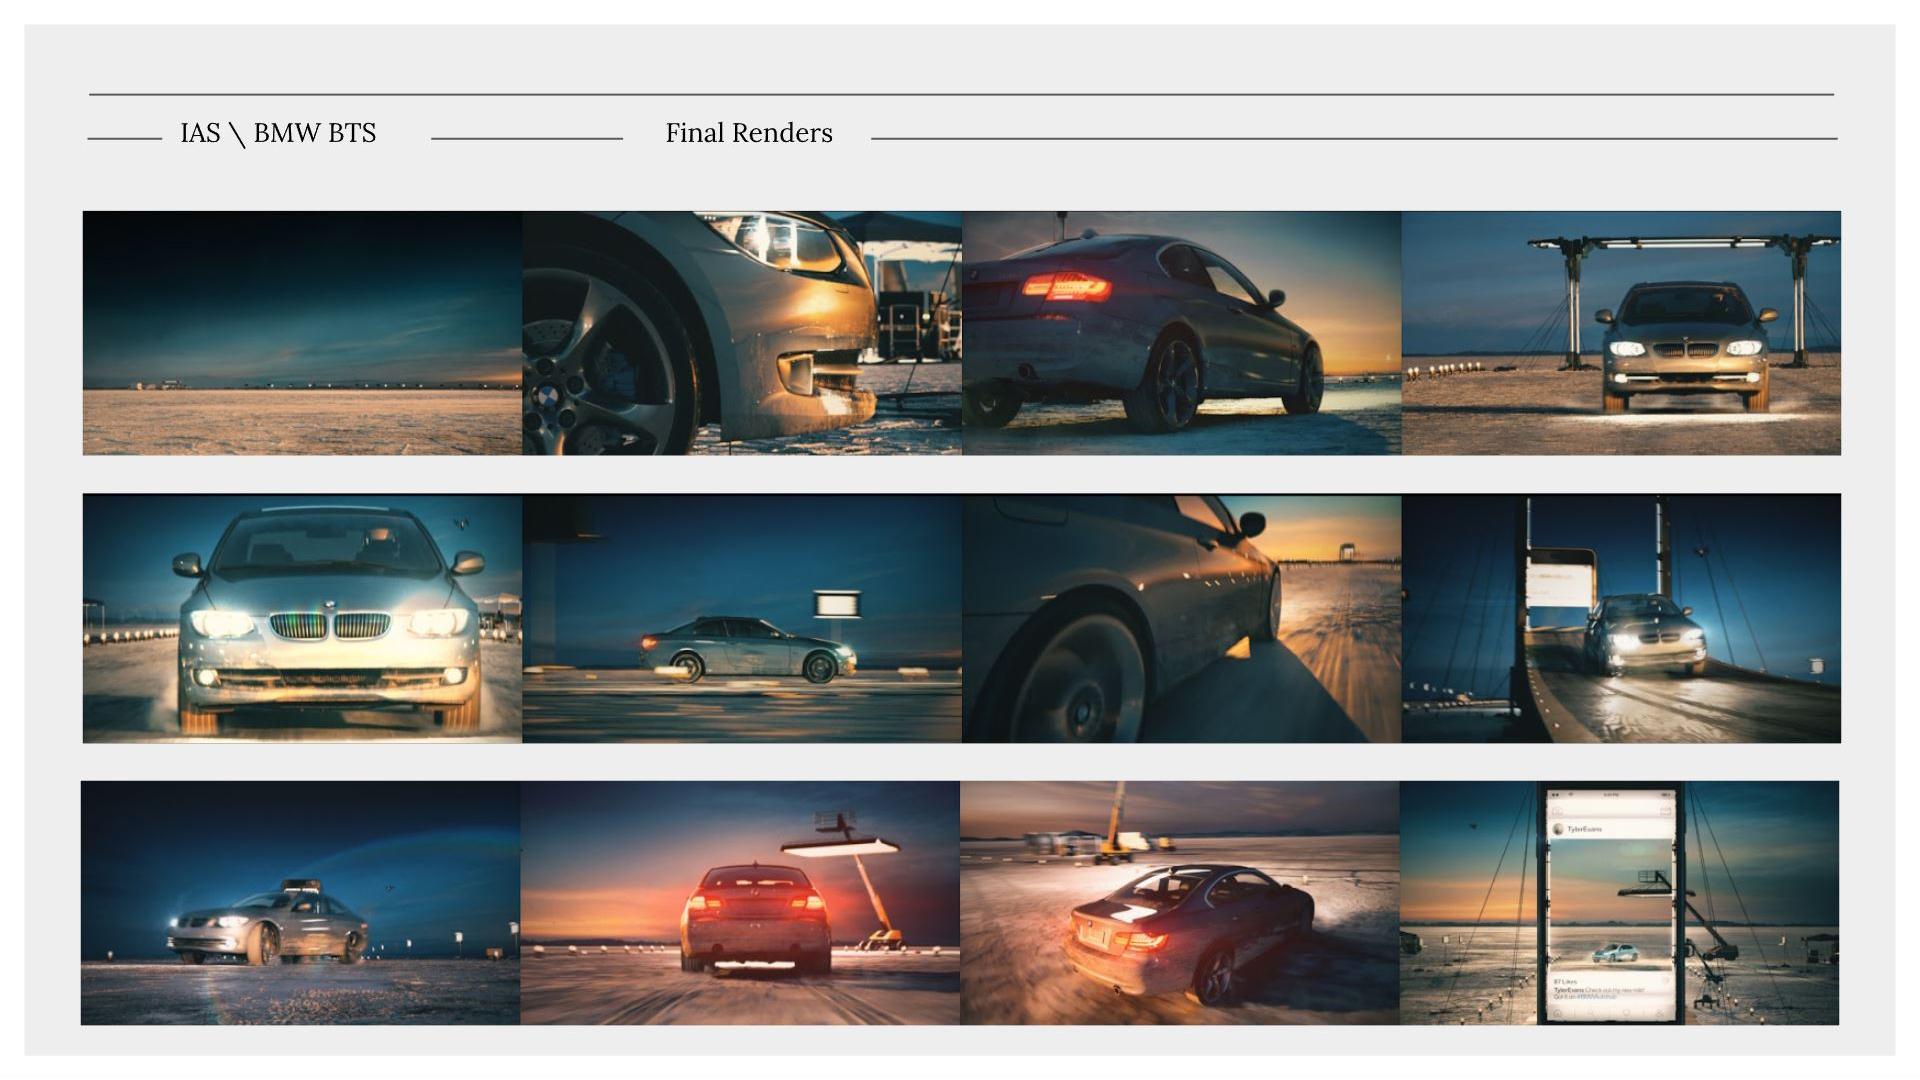 IAMSTATIC, BMW Stunt It finals